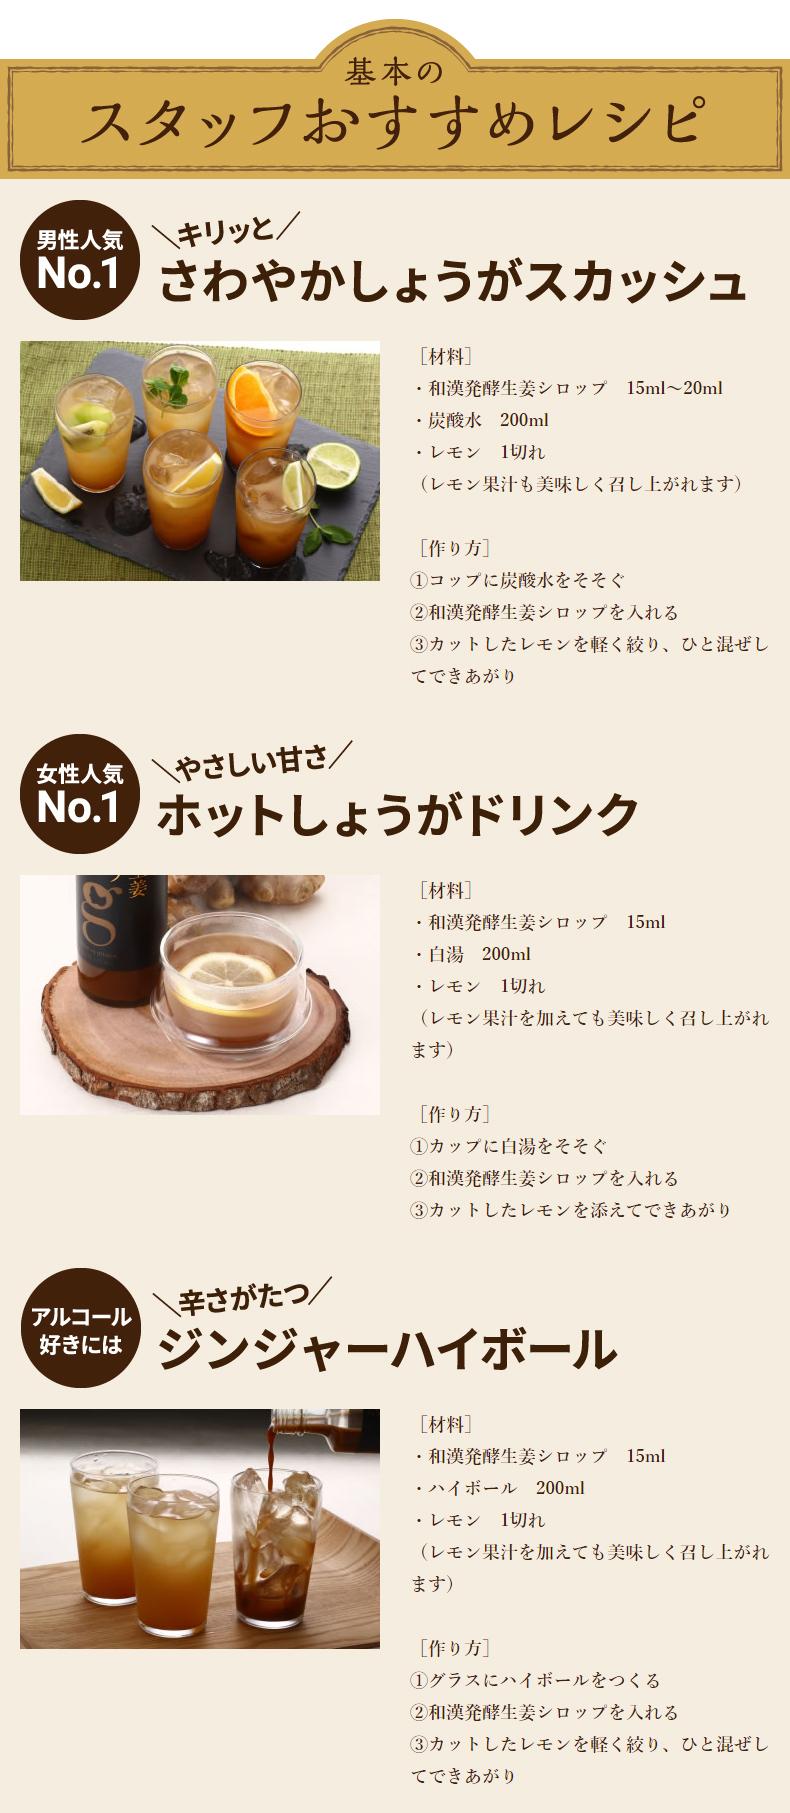 和漢発酵生姜シロップレシピ